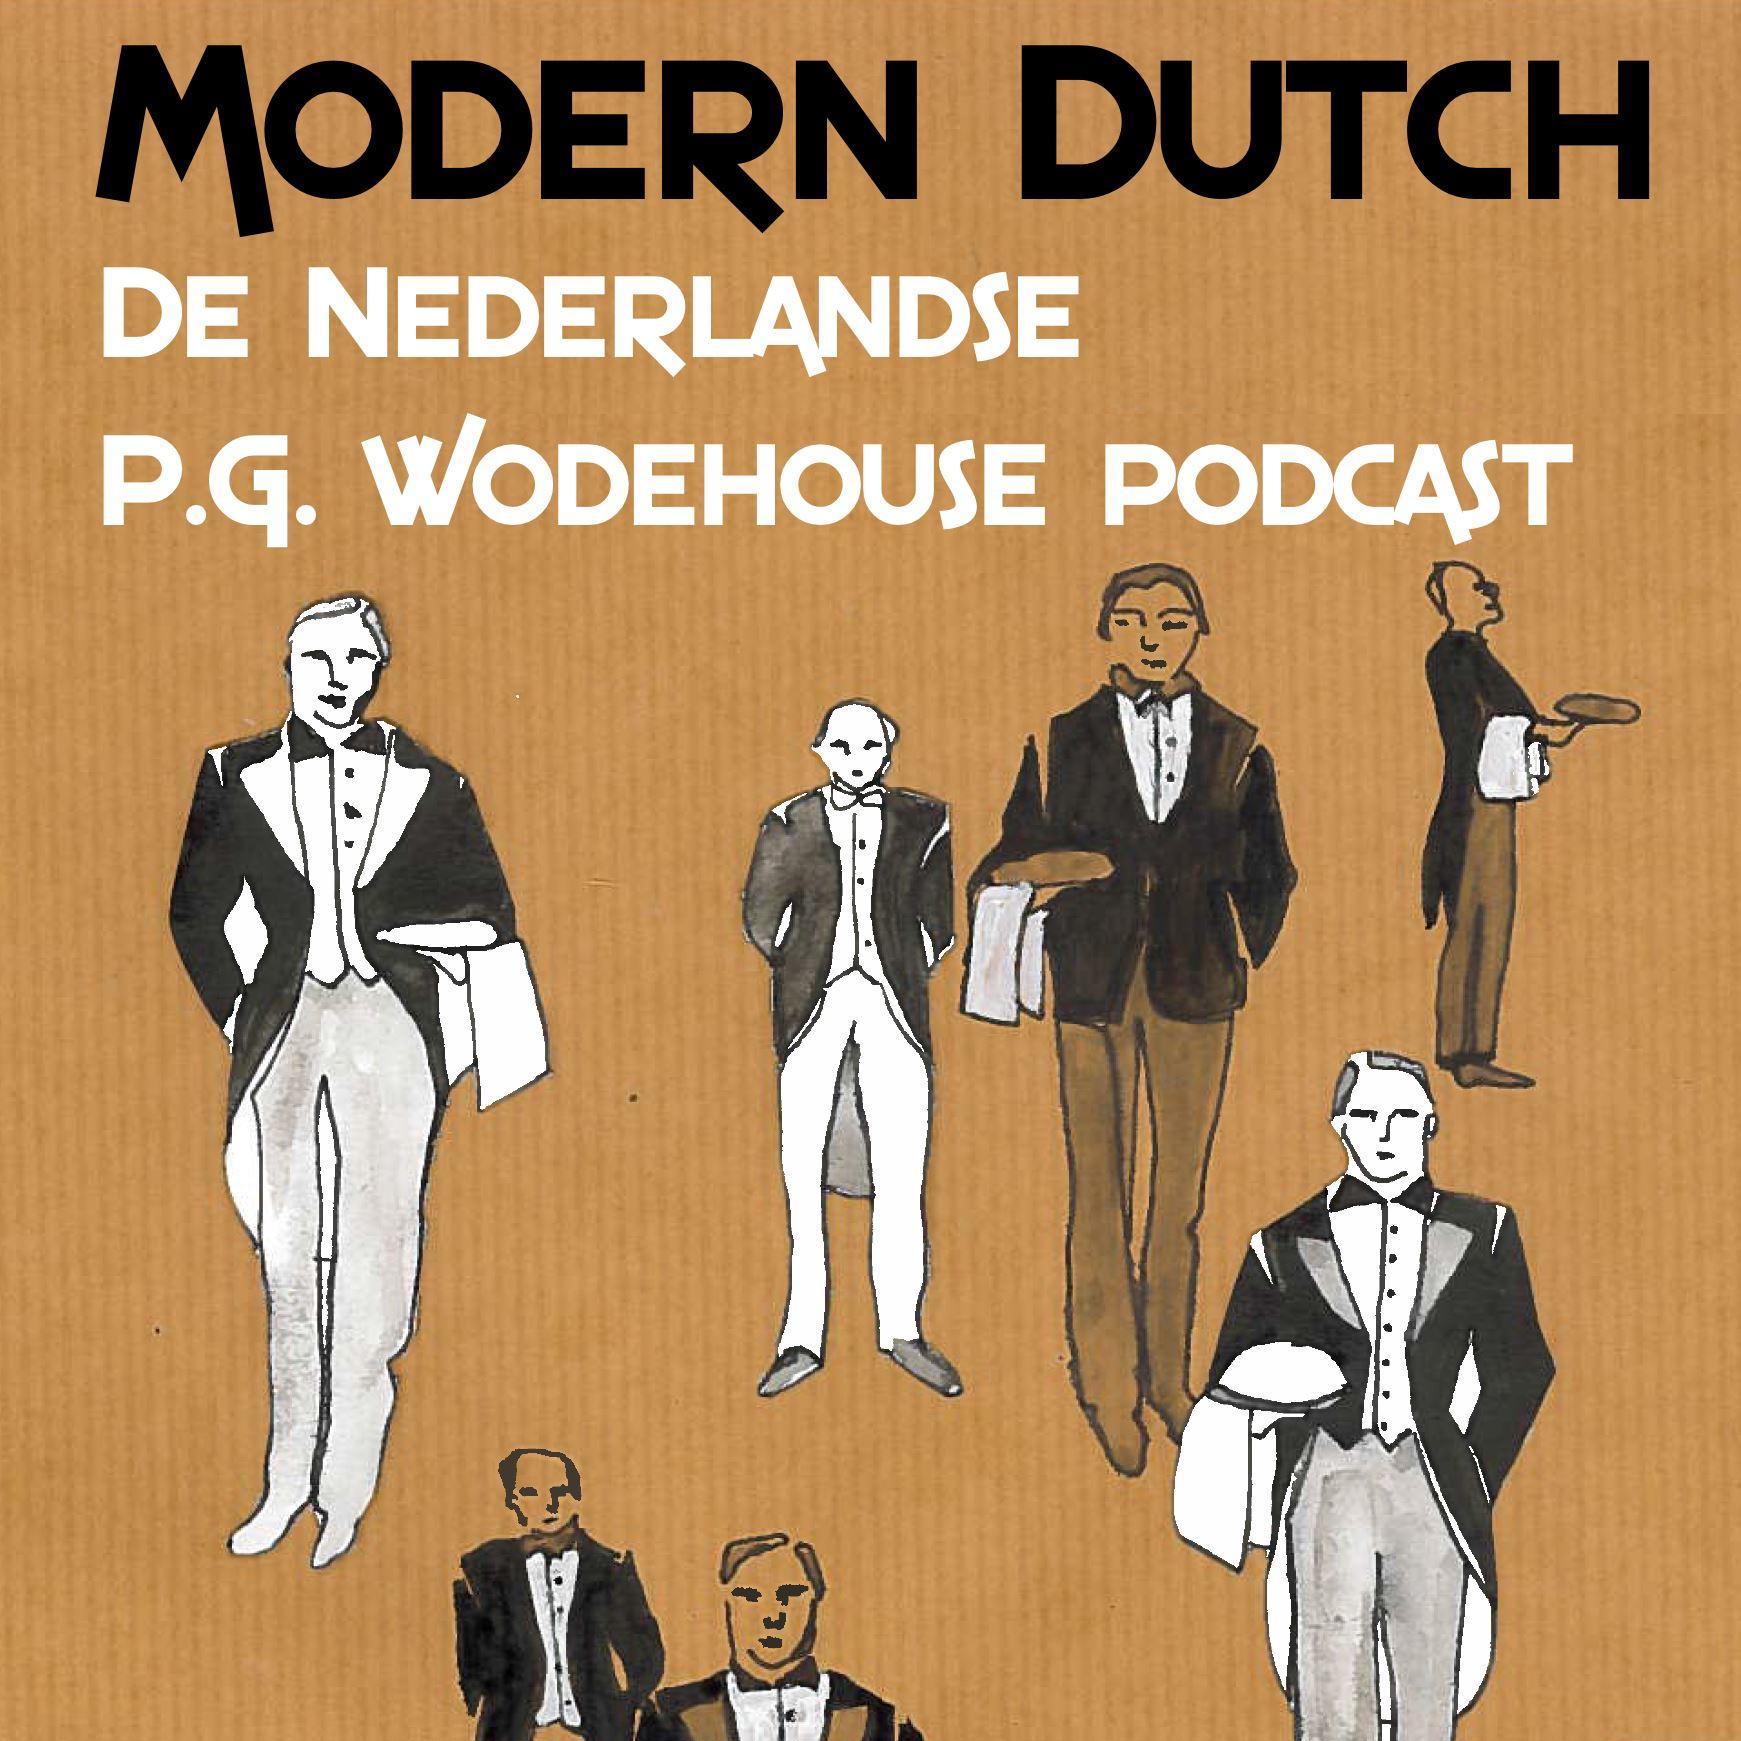 Modern Dutch